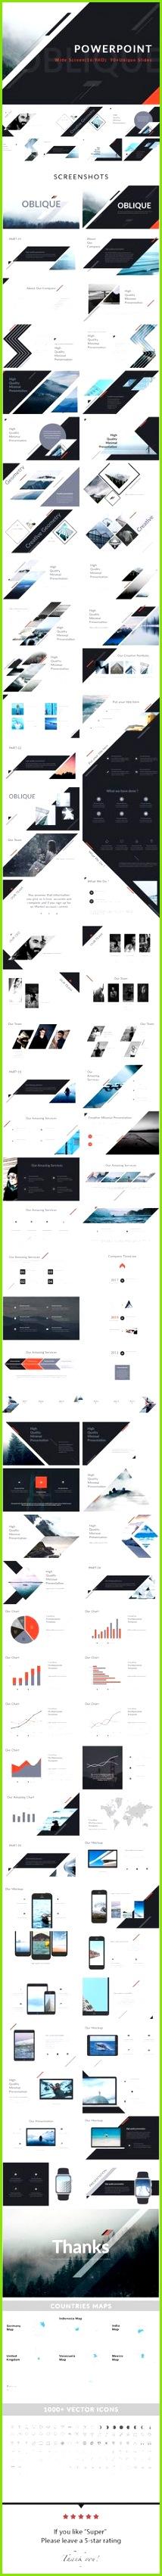 Powerpoint Vorlagen Diplomarbeit Diagramm Visitenkarten Grafik Design Präsentationslayout Powerpoint Präsentationsvorlagen